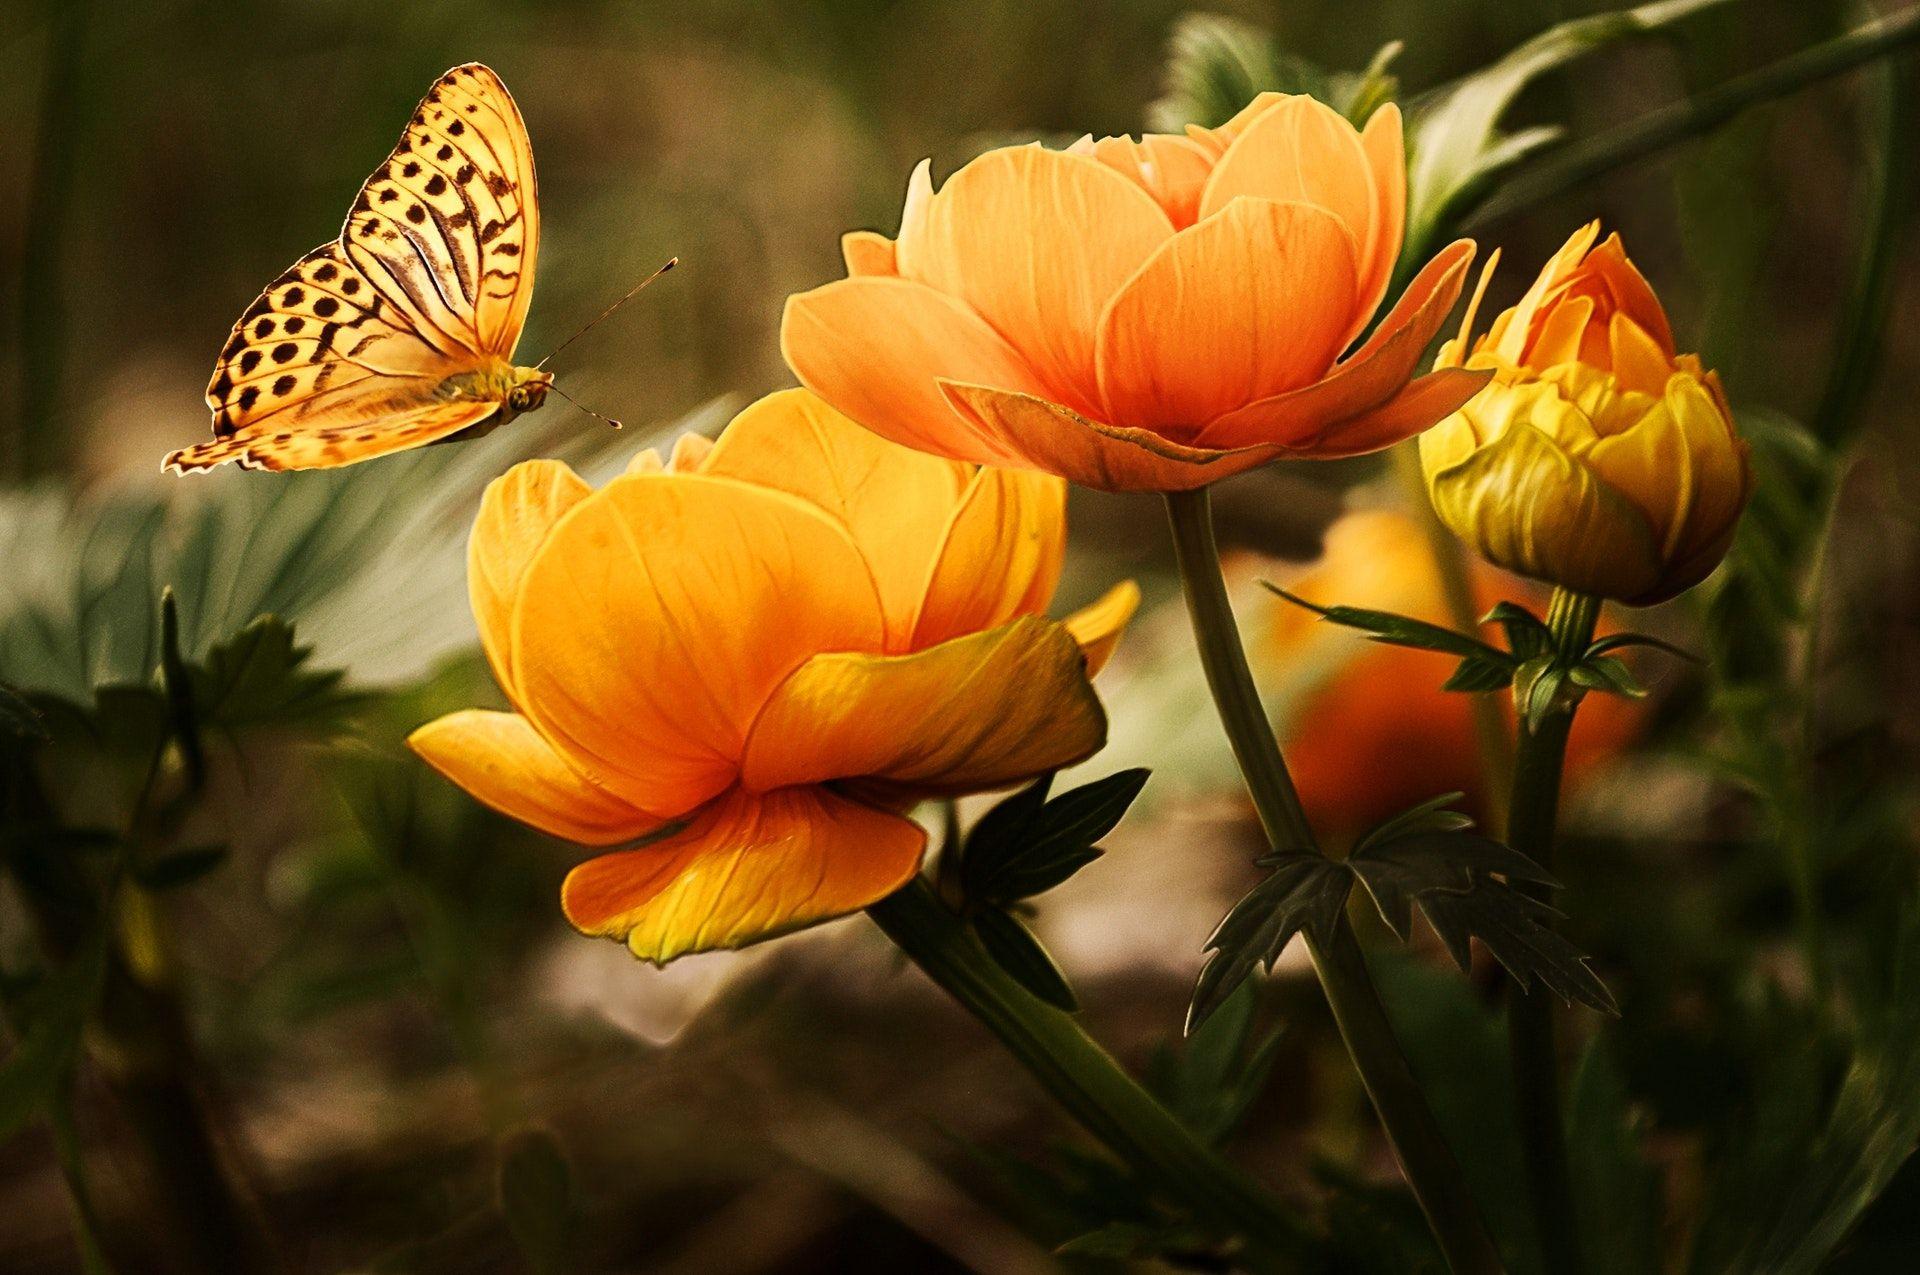 عکس زمینه گل نارنجی با پروانه زرد پس زمینه